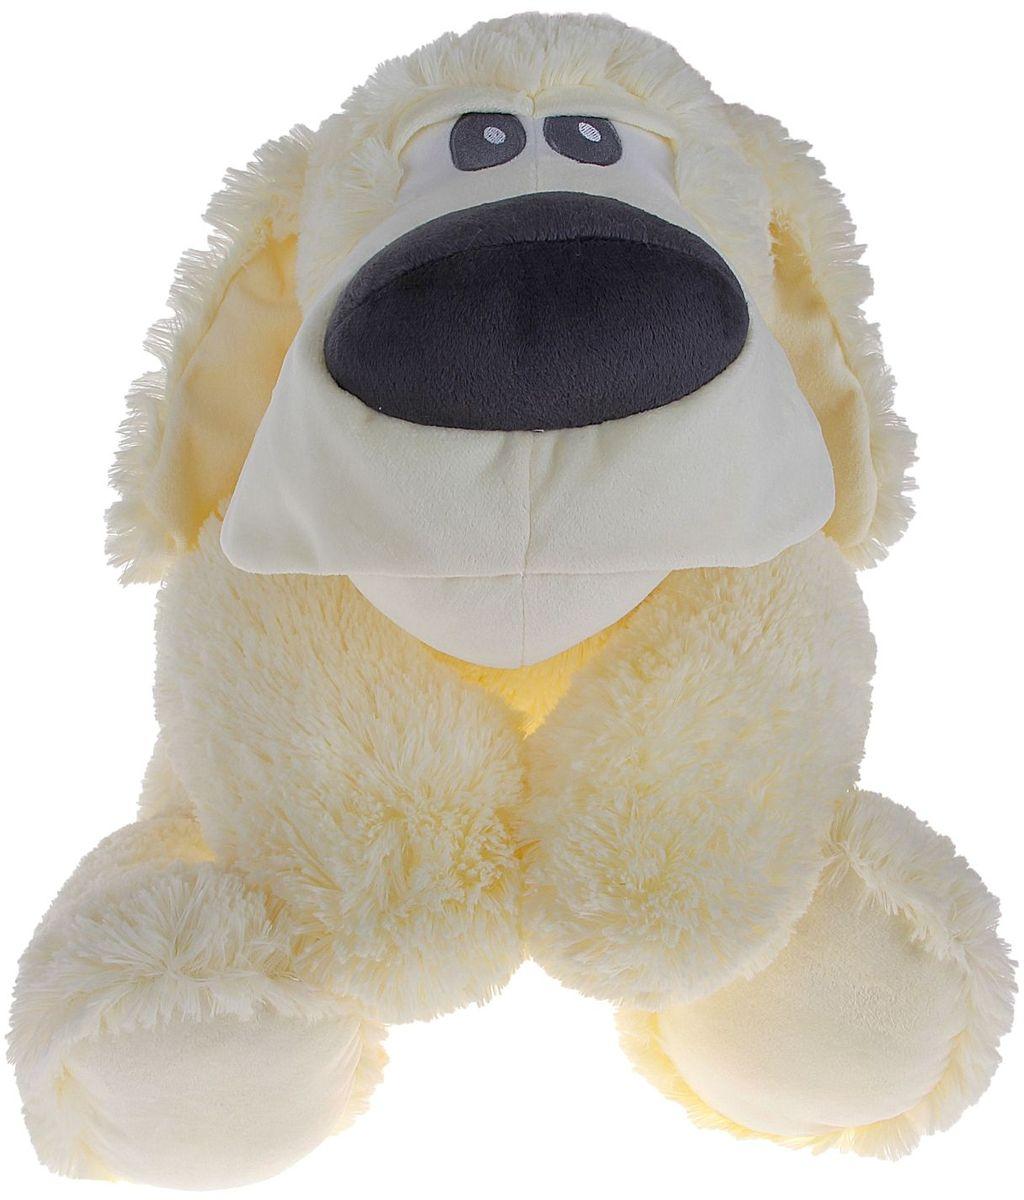 Fancy Мягкая игрушка Собака Сплюшка 70 см 378752 fancy мягкая игрушка собака эля 14 5 см